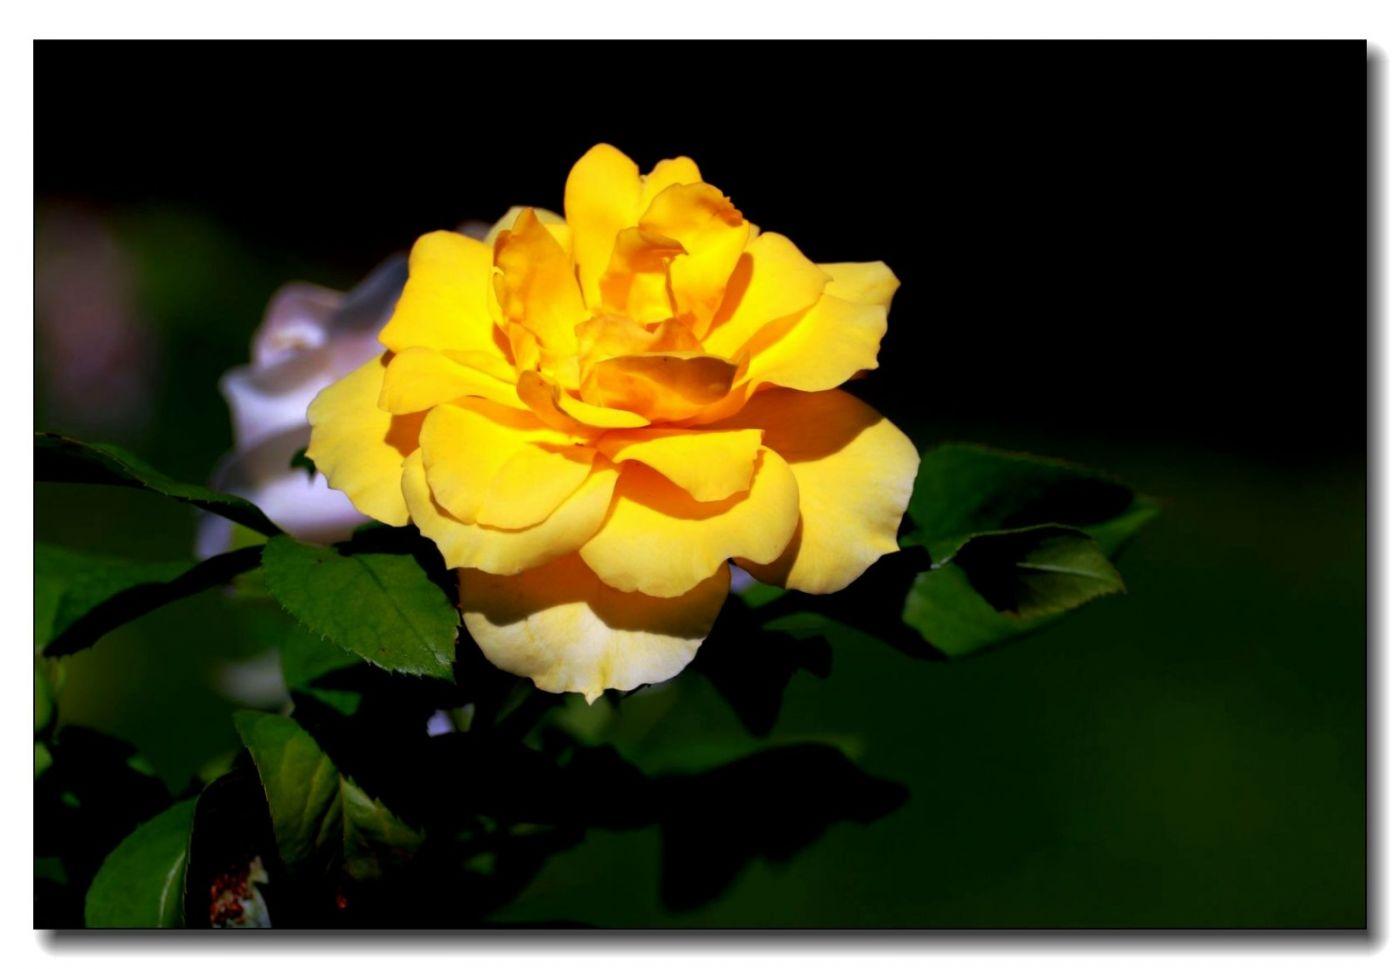 秋季玫瑰仍飘香_图1-15